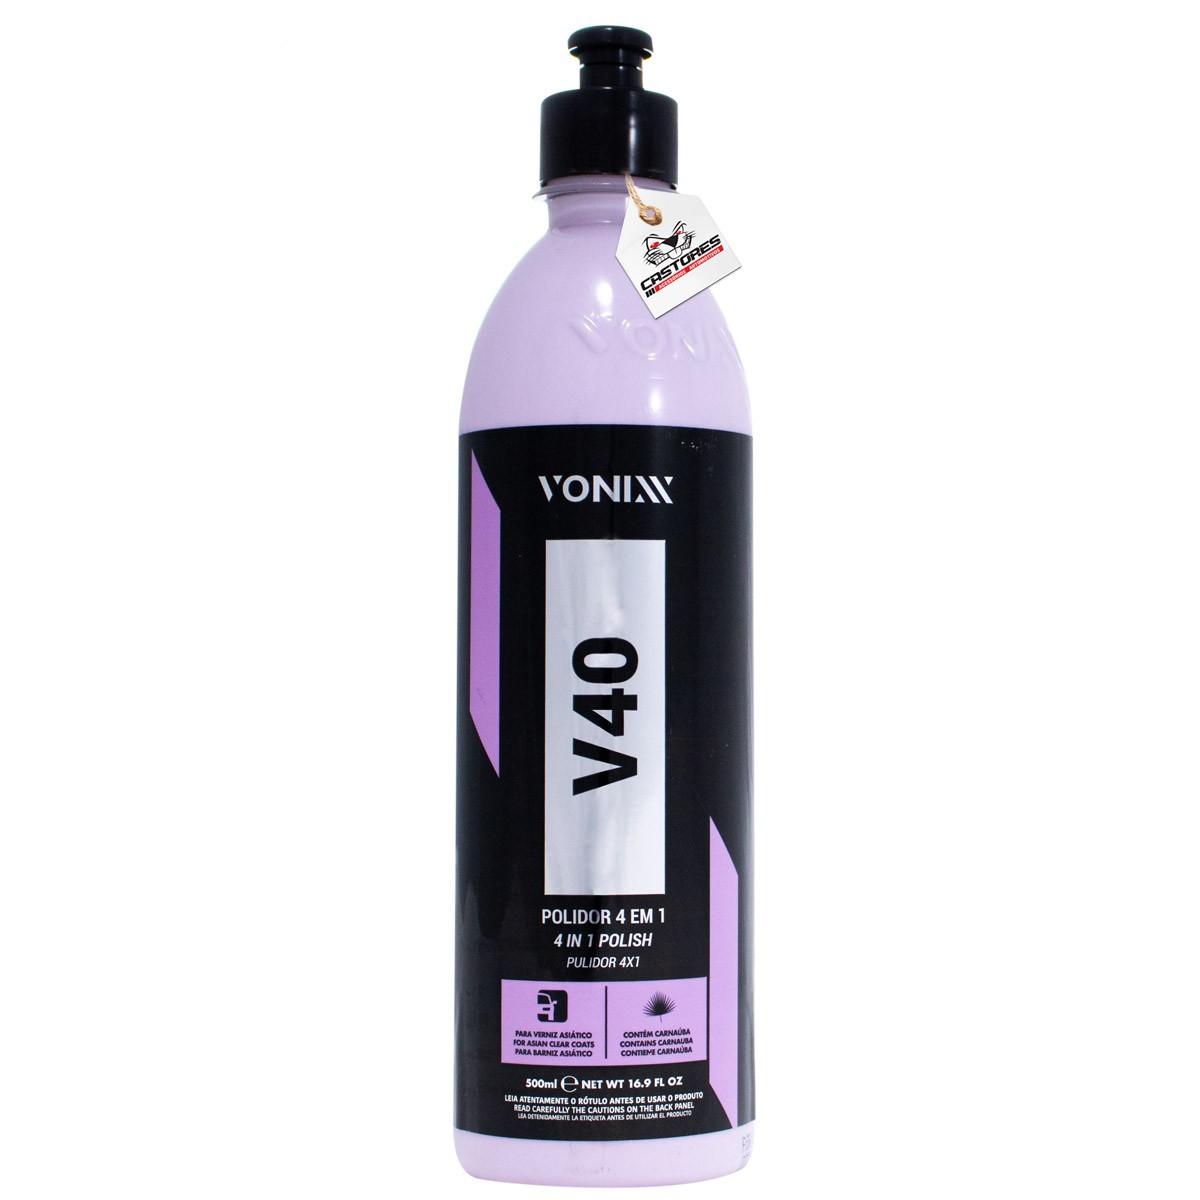 V40 Polidor 4 Em 1 Corte Refino Lustro Proteção Vonixx 500ml